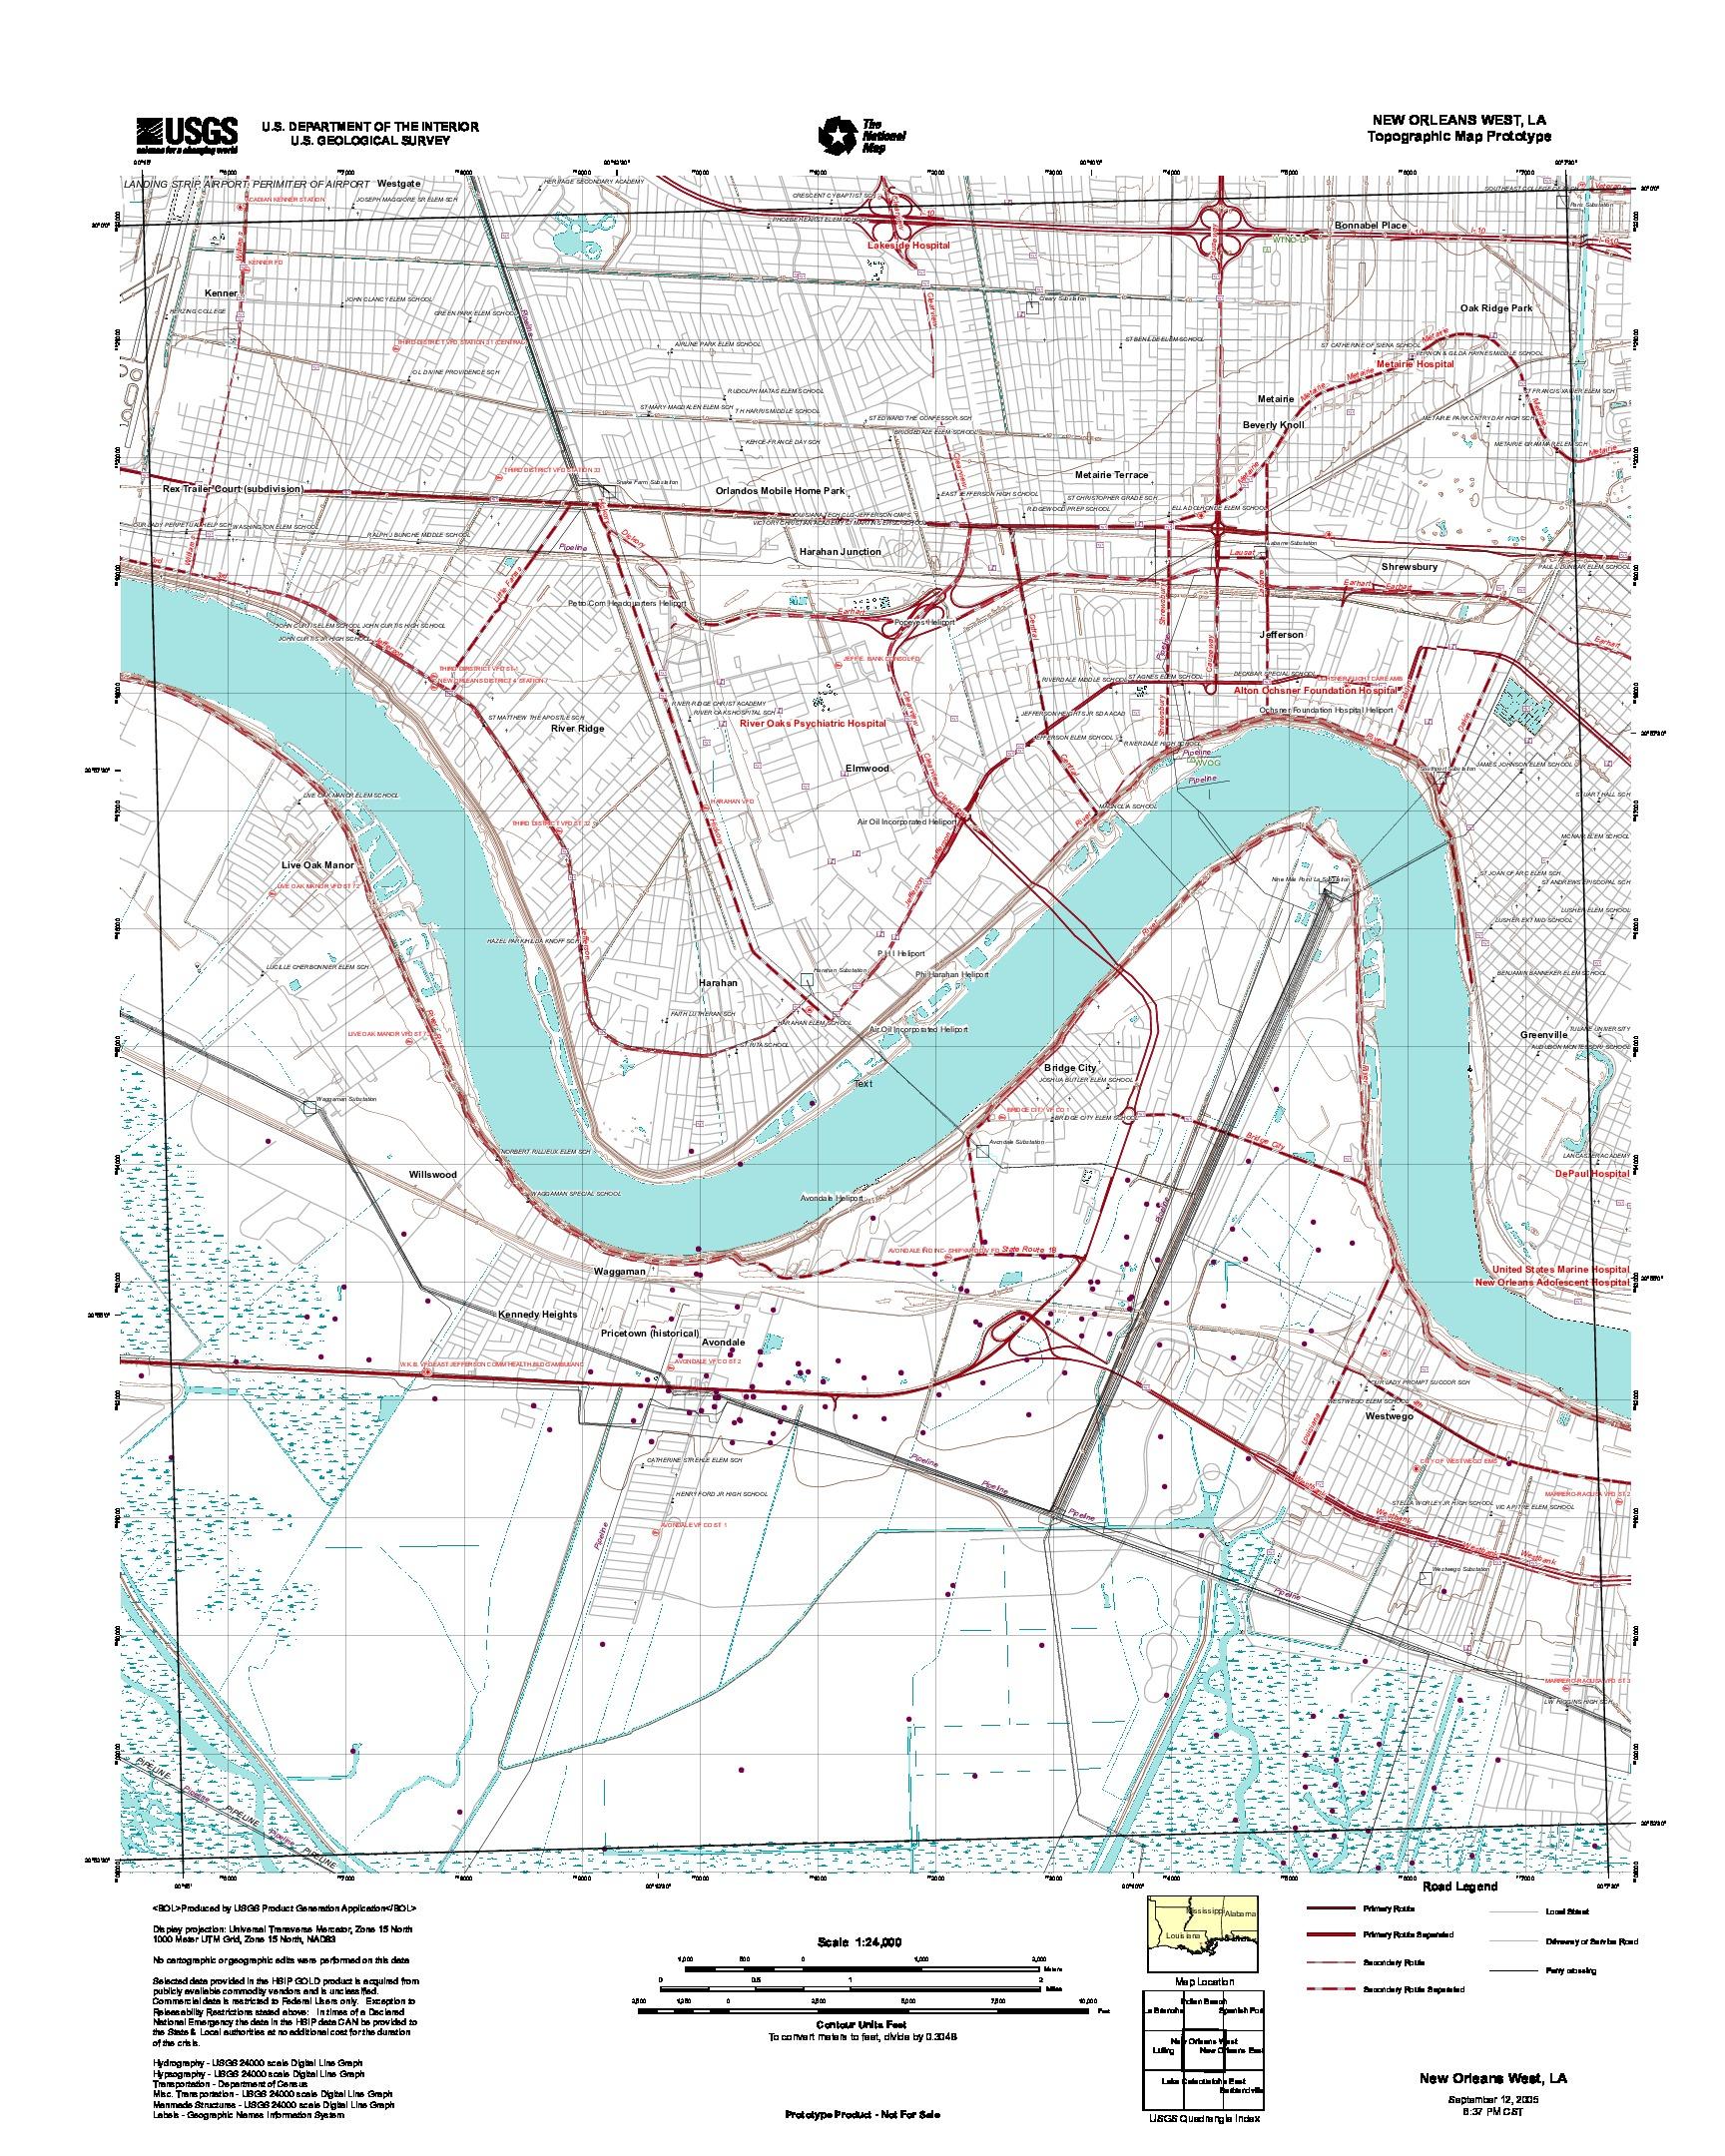 Prototipo de Mapa Topográfico de Nueva Orleans Oeste, Luisiana, Estados Unidos, Septiembre 12, 2005